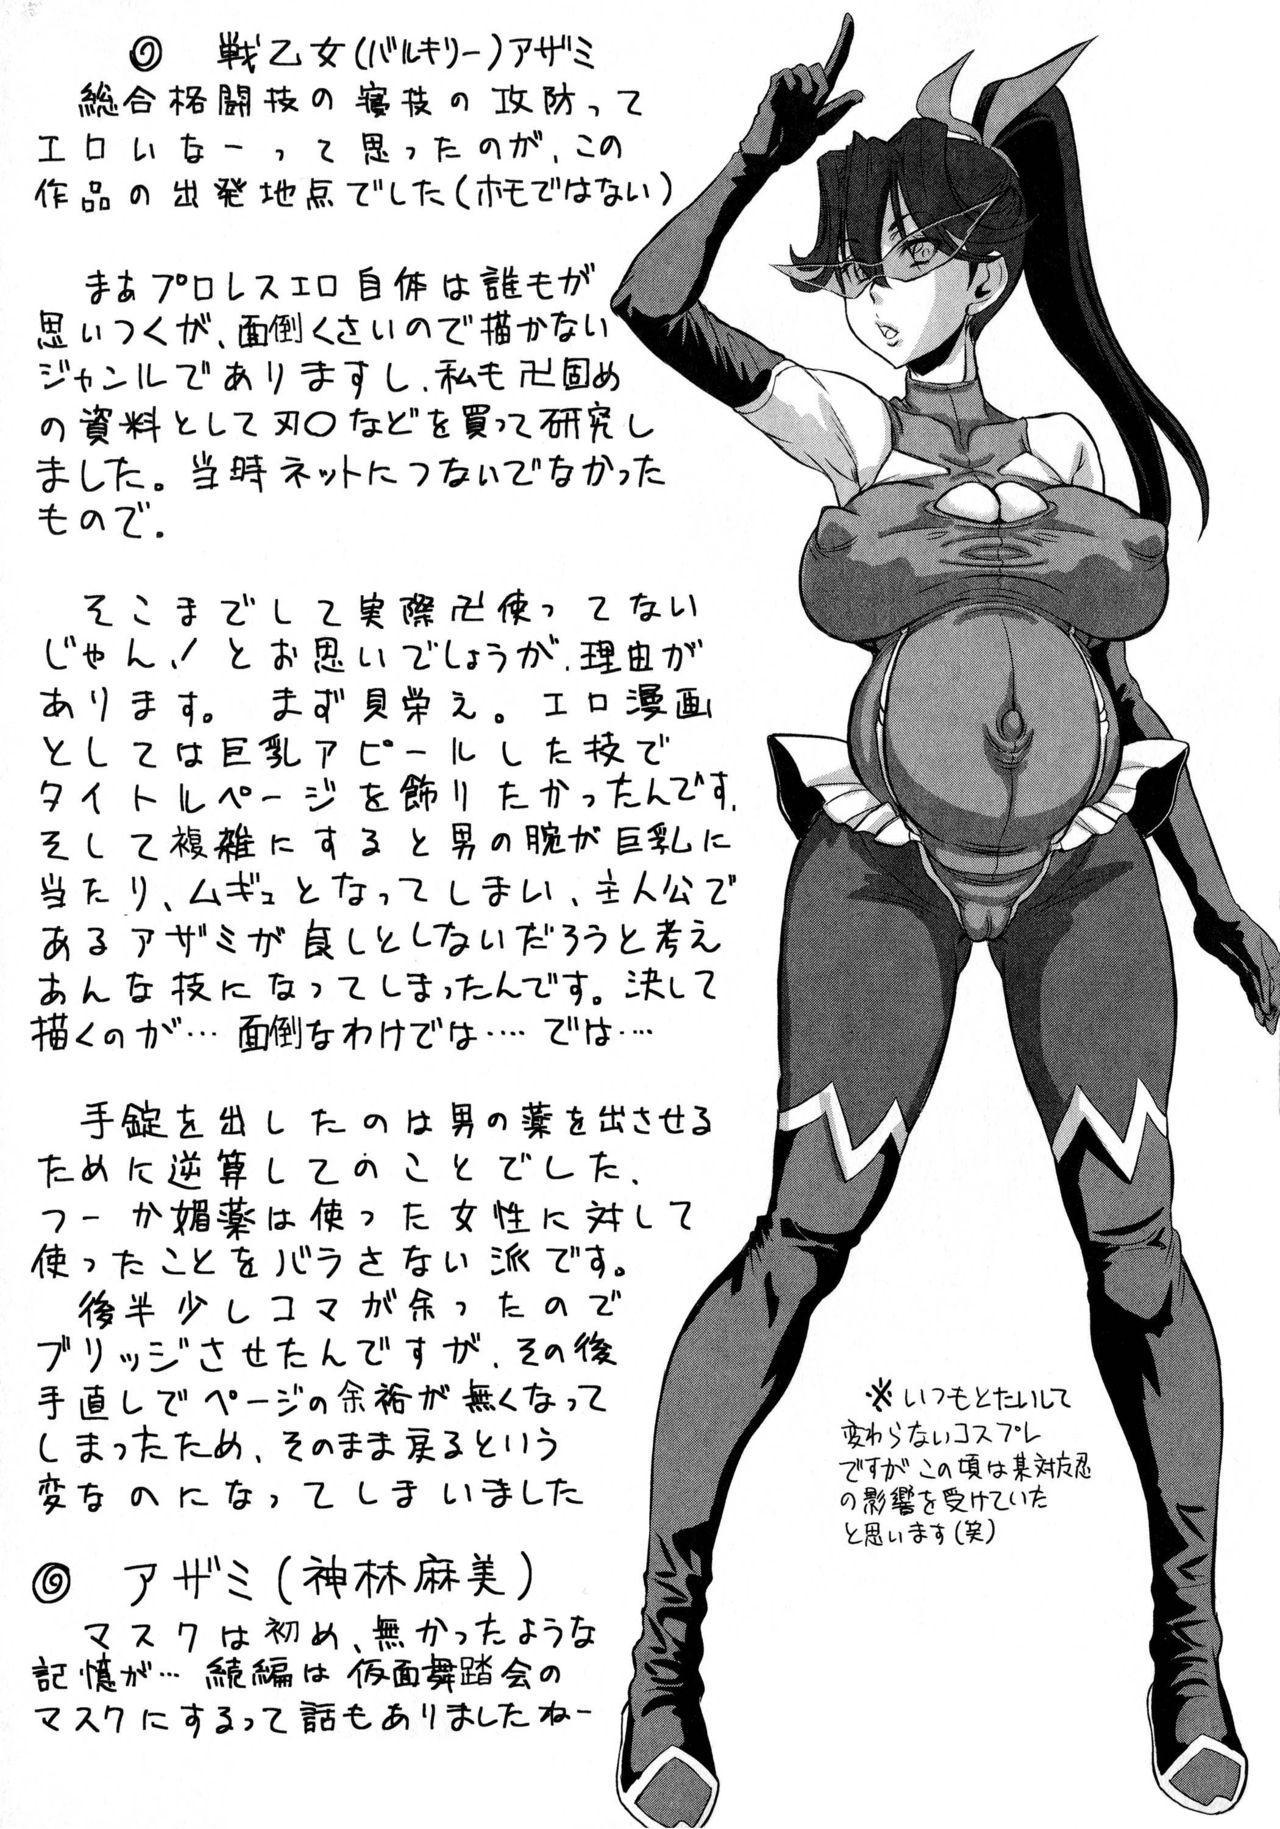 [Minority] Negative Kanako-sensei Ch. 1-6 [English] {Doujins.com} 166